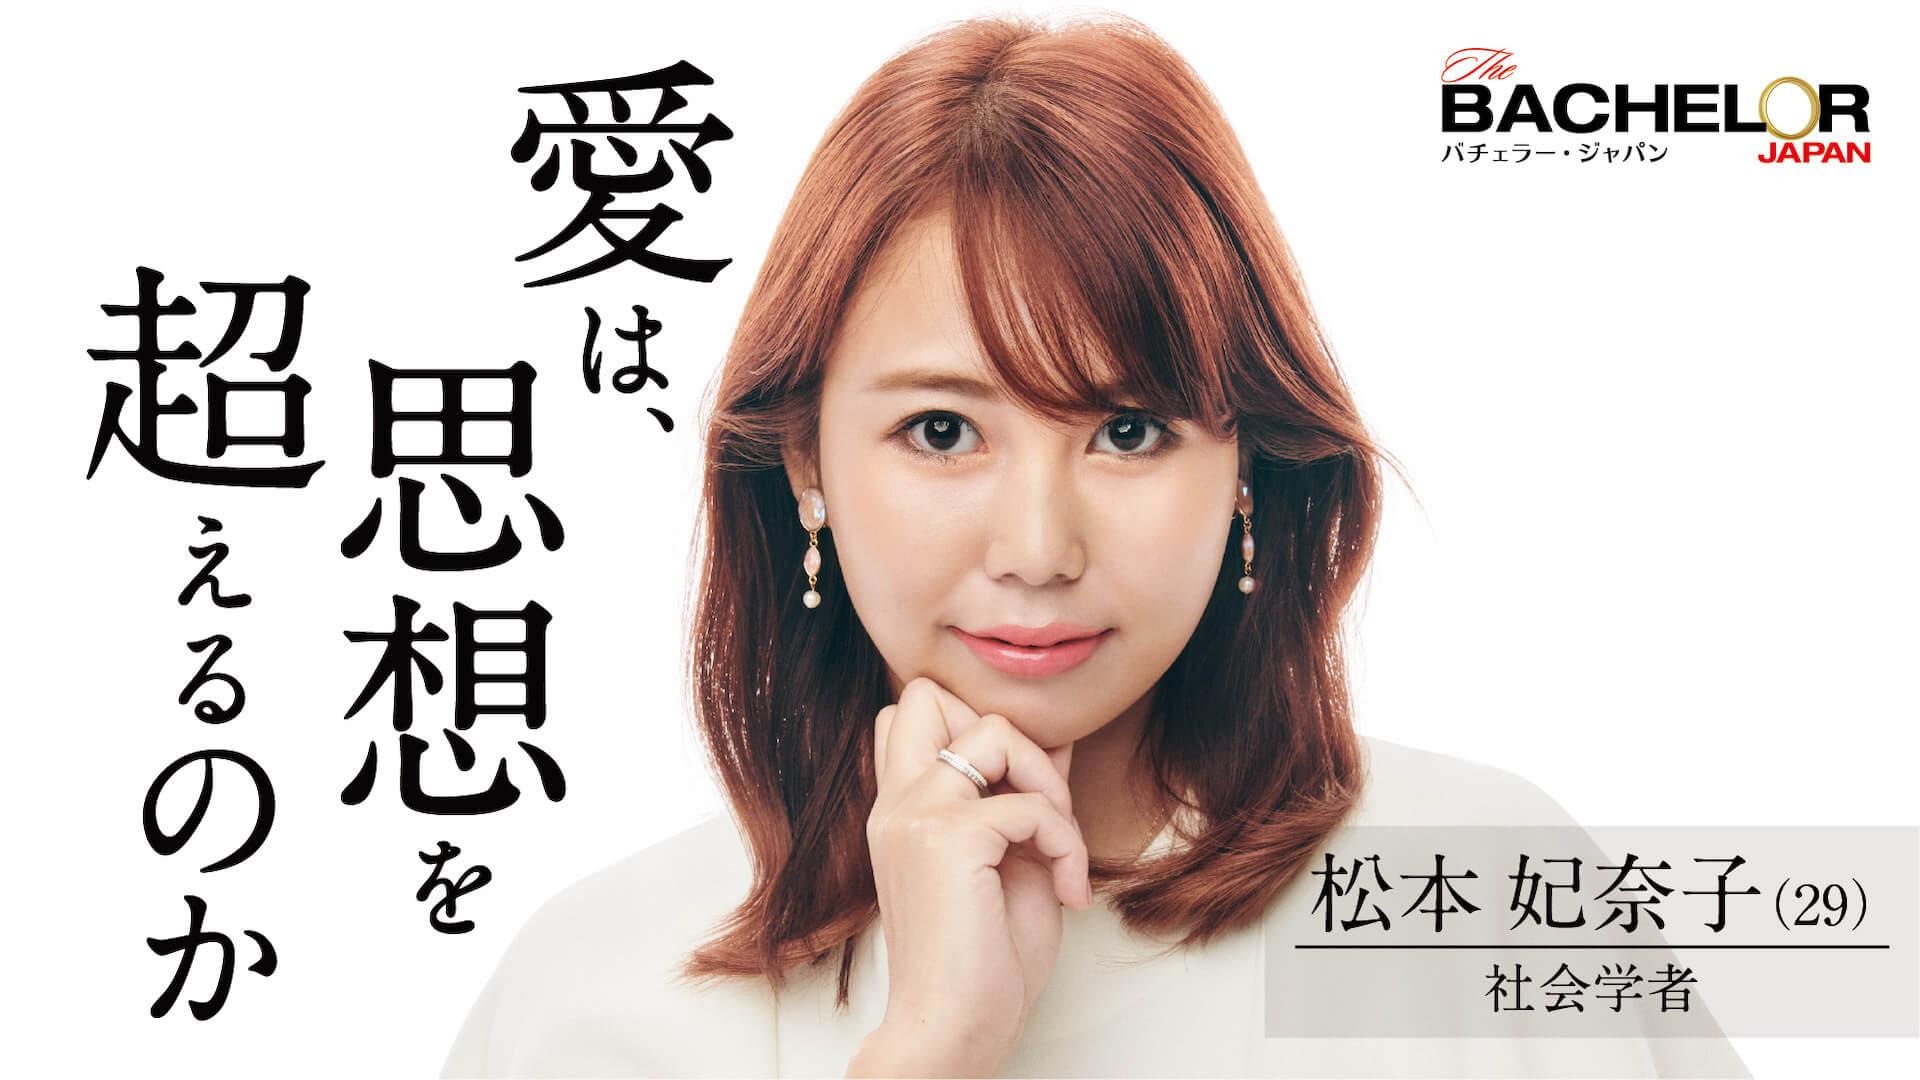 モデル、レディ・ユニバース2020日本代表、医者、経営者など続々登場!『バチェラー・ジャパン』シーズン4の女性参加者15名が一挙発表 art211007_bacelorjapan_14